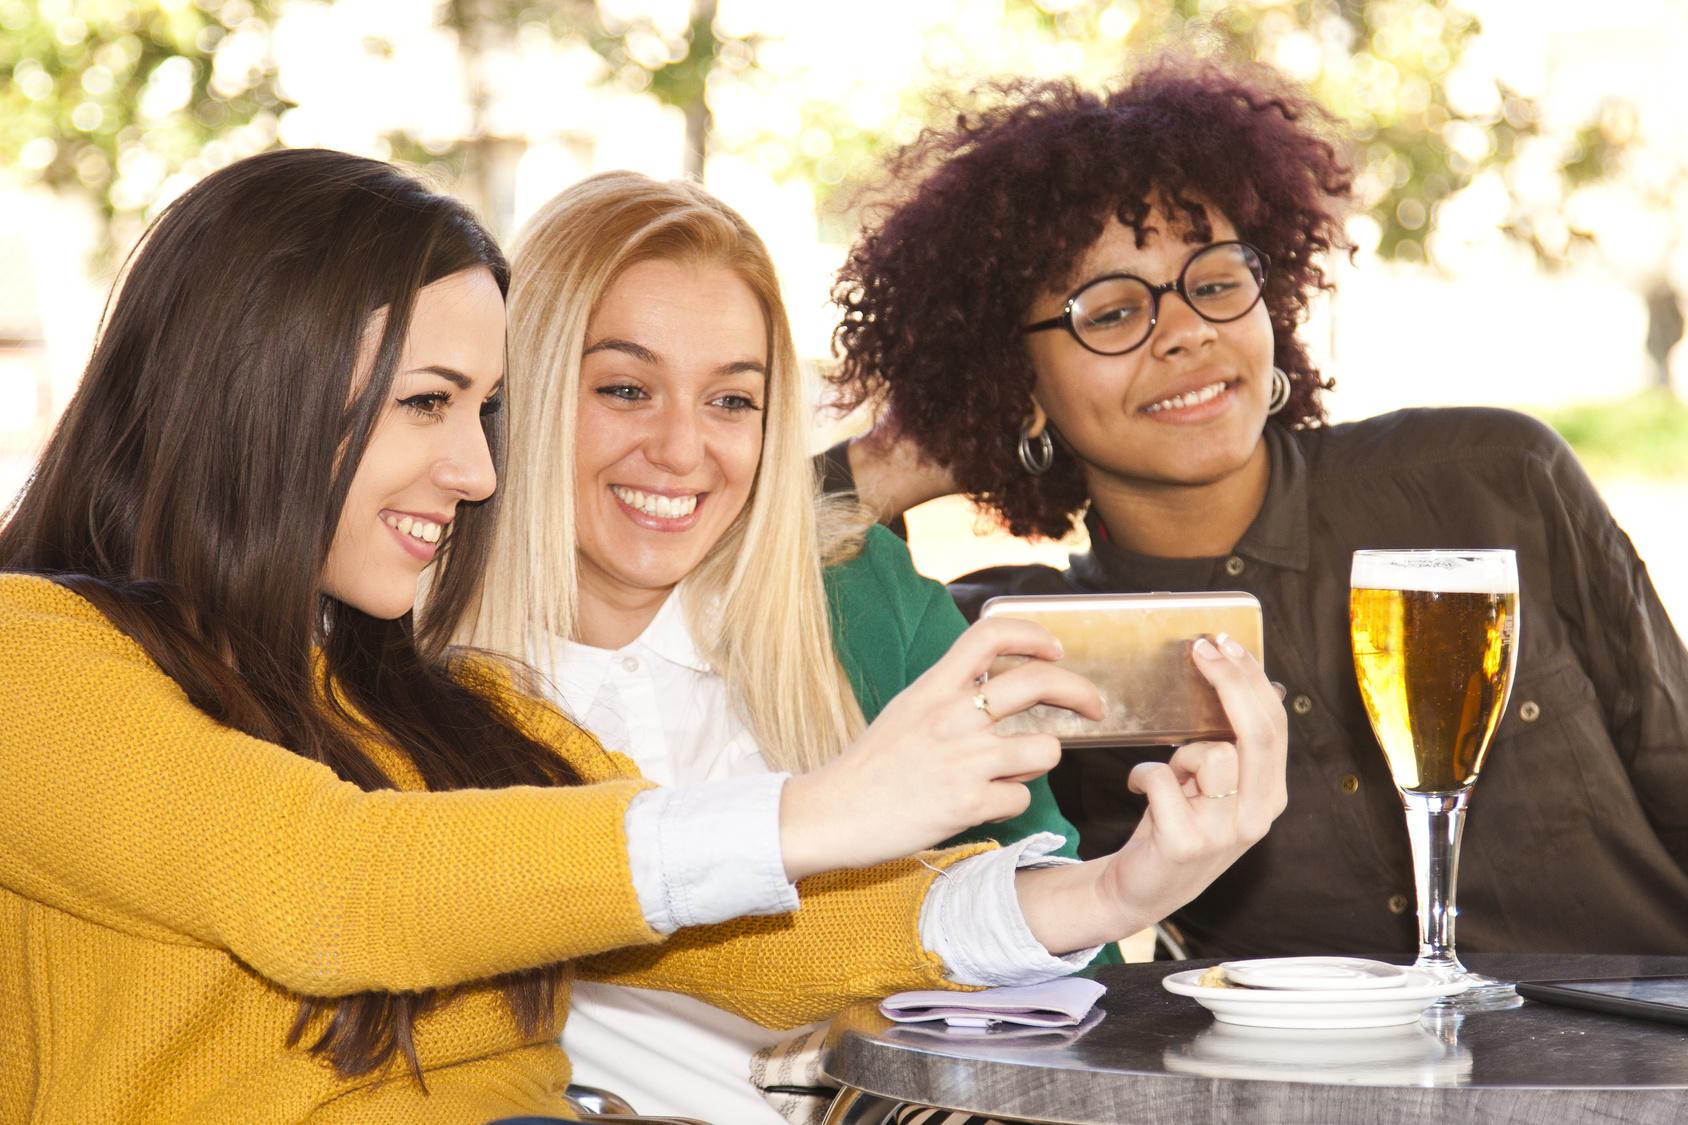 Drei junge Frauen machen ein Gruppen-Selfie